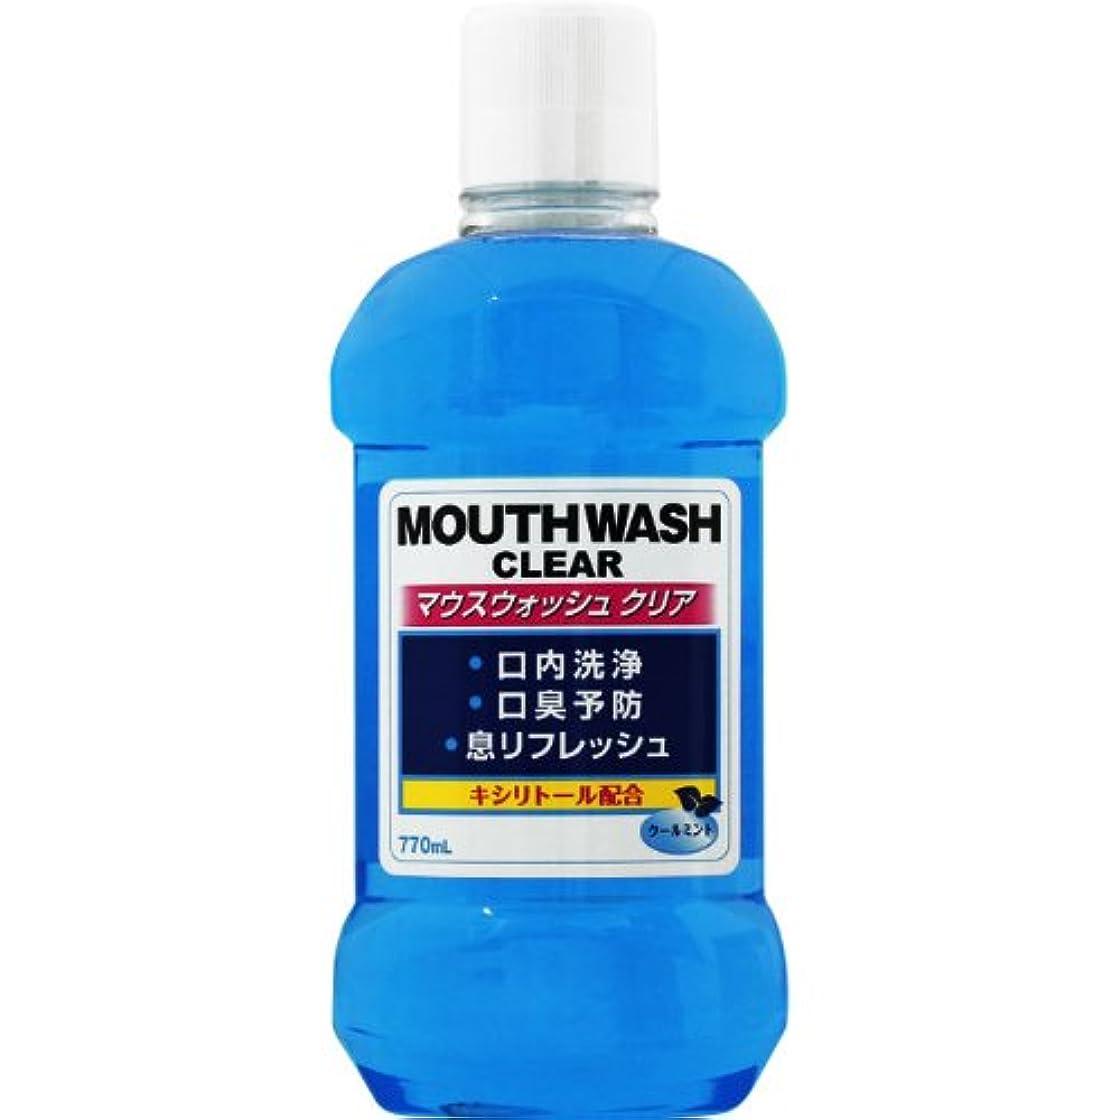 アンドリューハリディ故意の喉が渇いたマウスウォッシュクリア「クールミント」ブルー 770mL